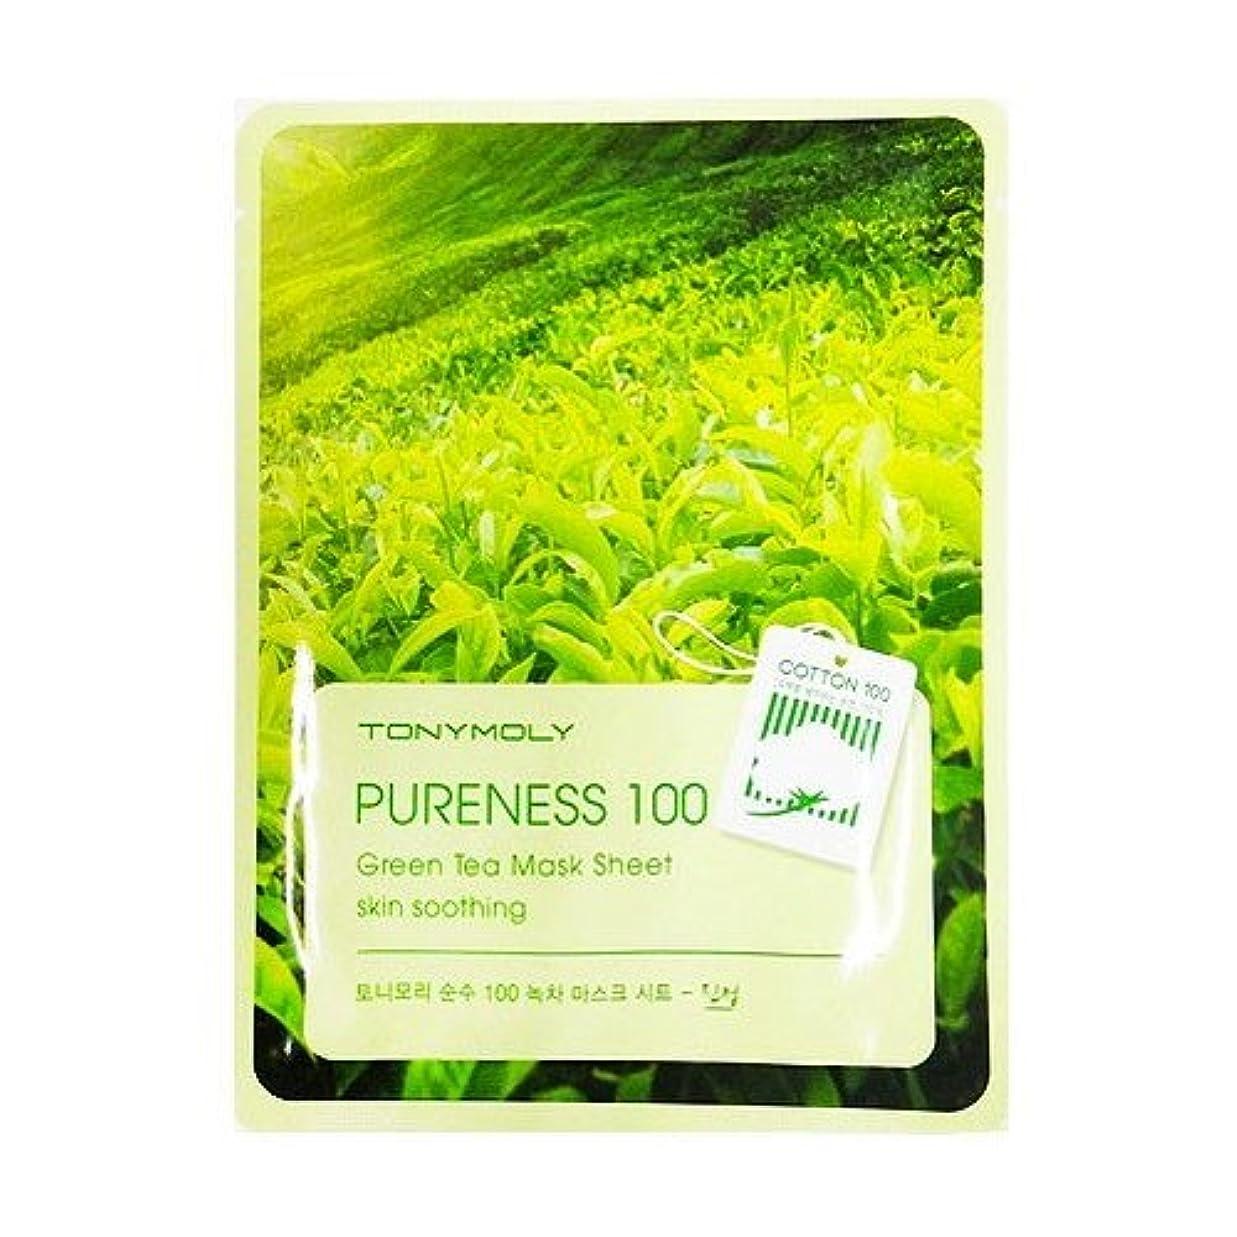 コーチ機会ビヨン(6 Pack) TONYMOLY Pureness 100 Green Tea Mask Sheet Skin Soothing (並行輸入品)